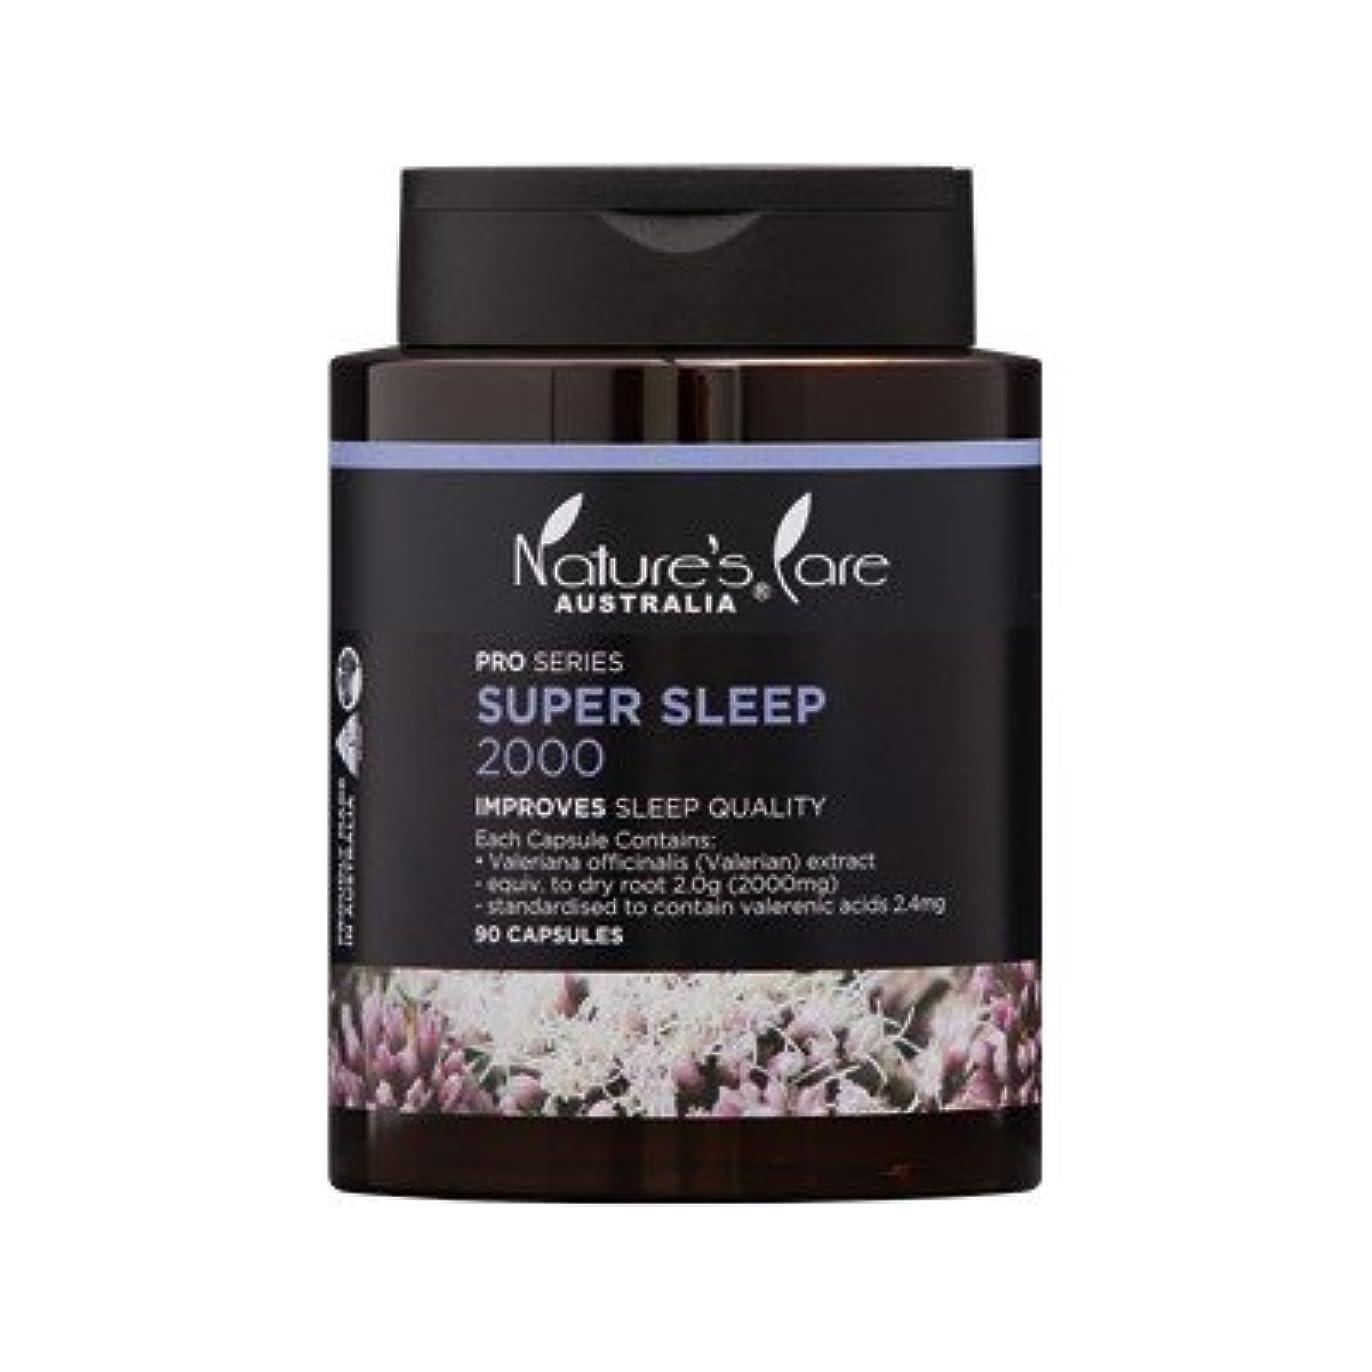 優しいただやるオープナー【Nature's Care】上質な睡眠をサポート☆Super Sleep スーパースリープ 2000mg 90カプセル入